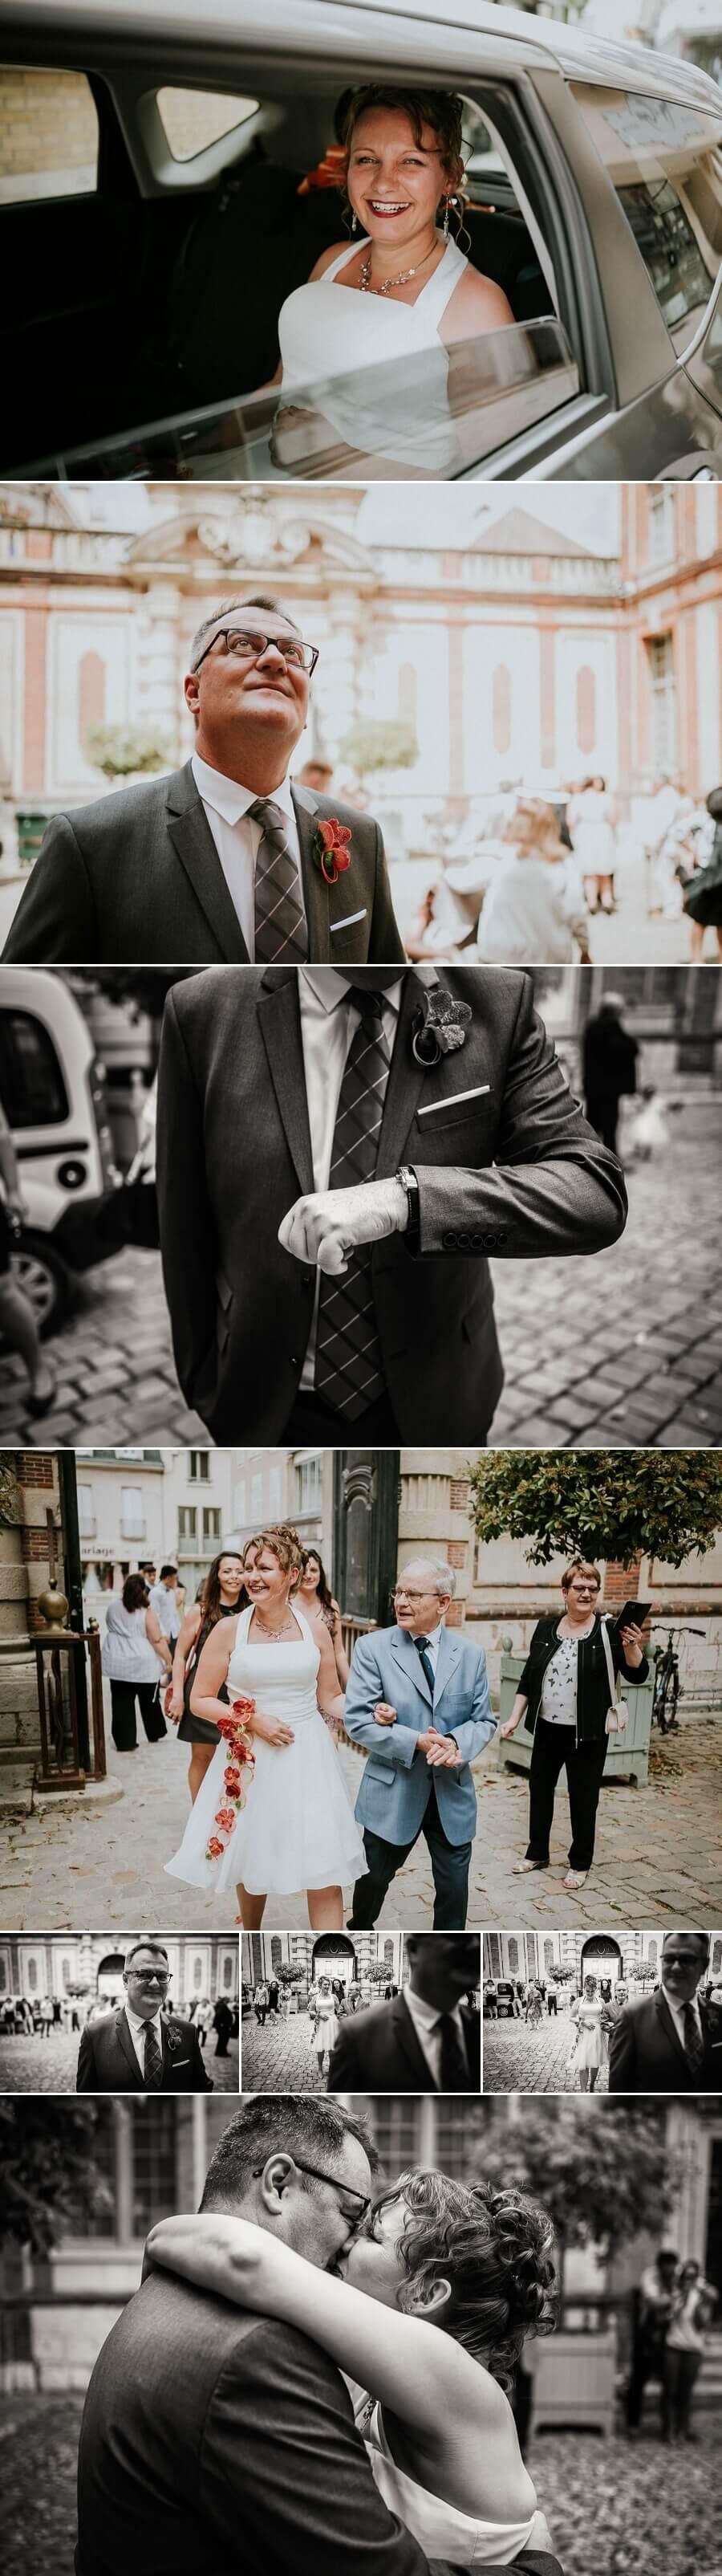 photos de mariage lifestyle mairie de chartres